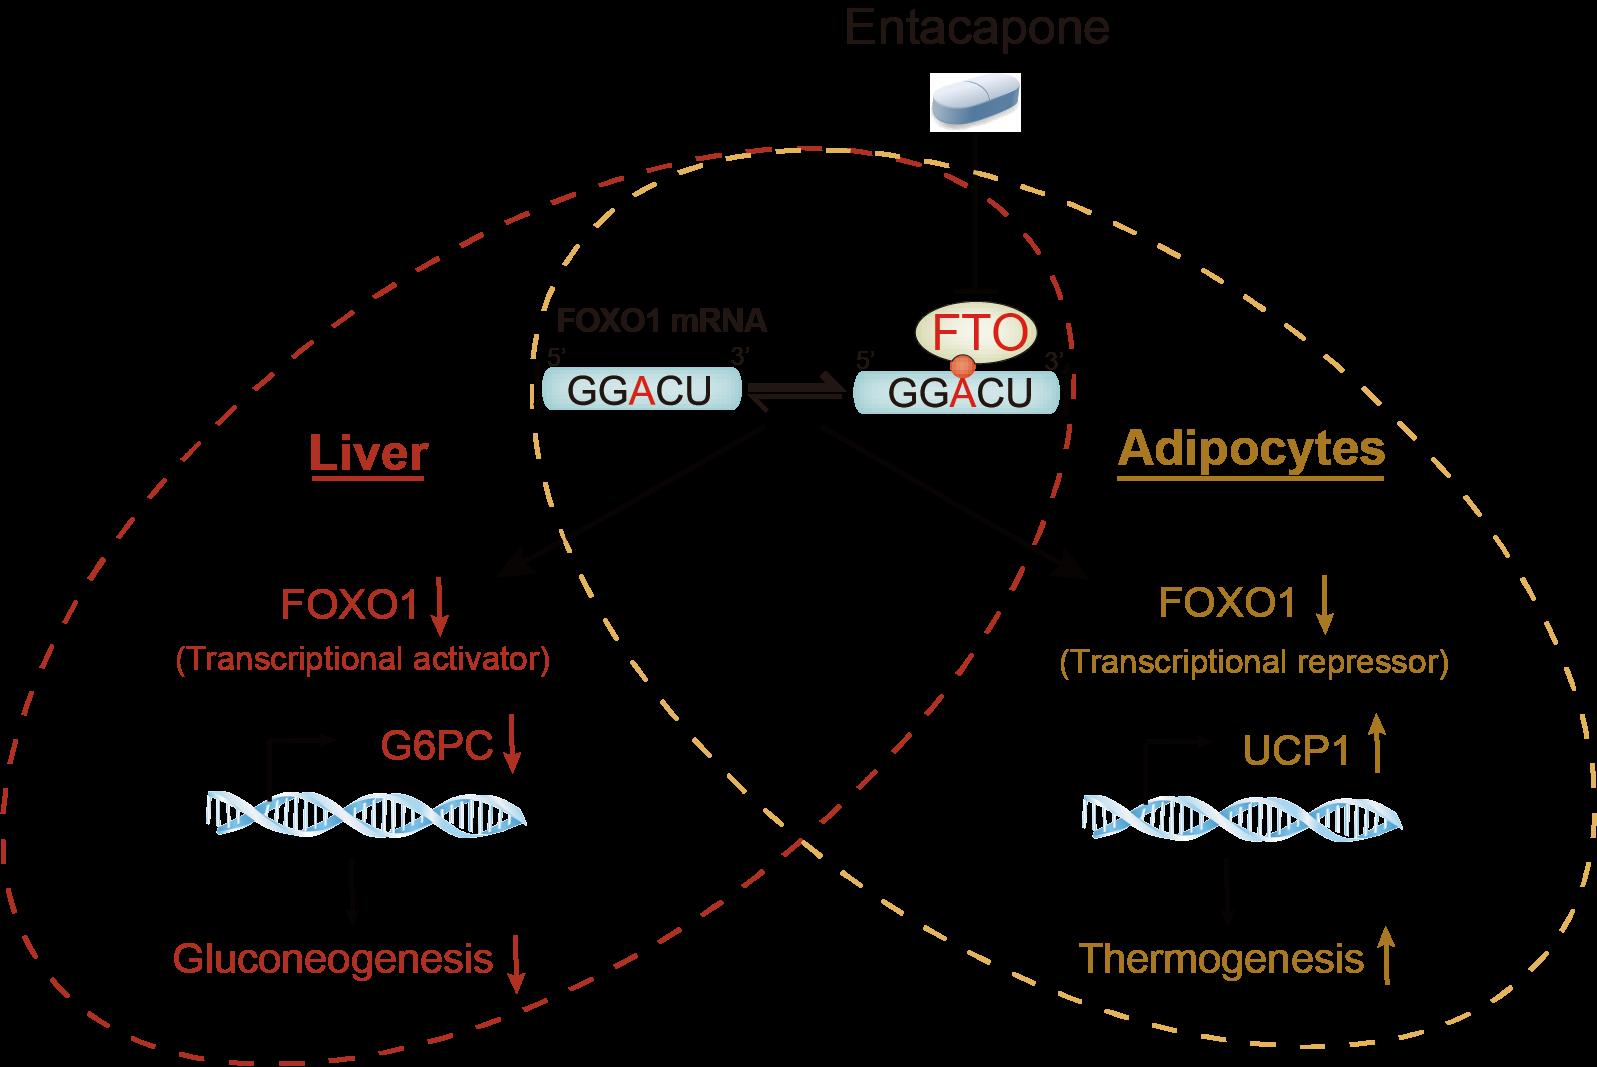 北京基因组发现恩他卡朋能直接结合FTO并抑制其m6A去甲基化酶活性